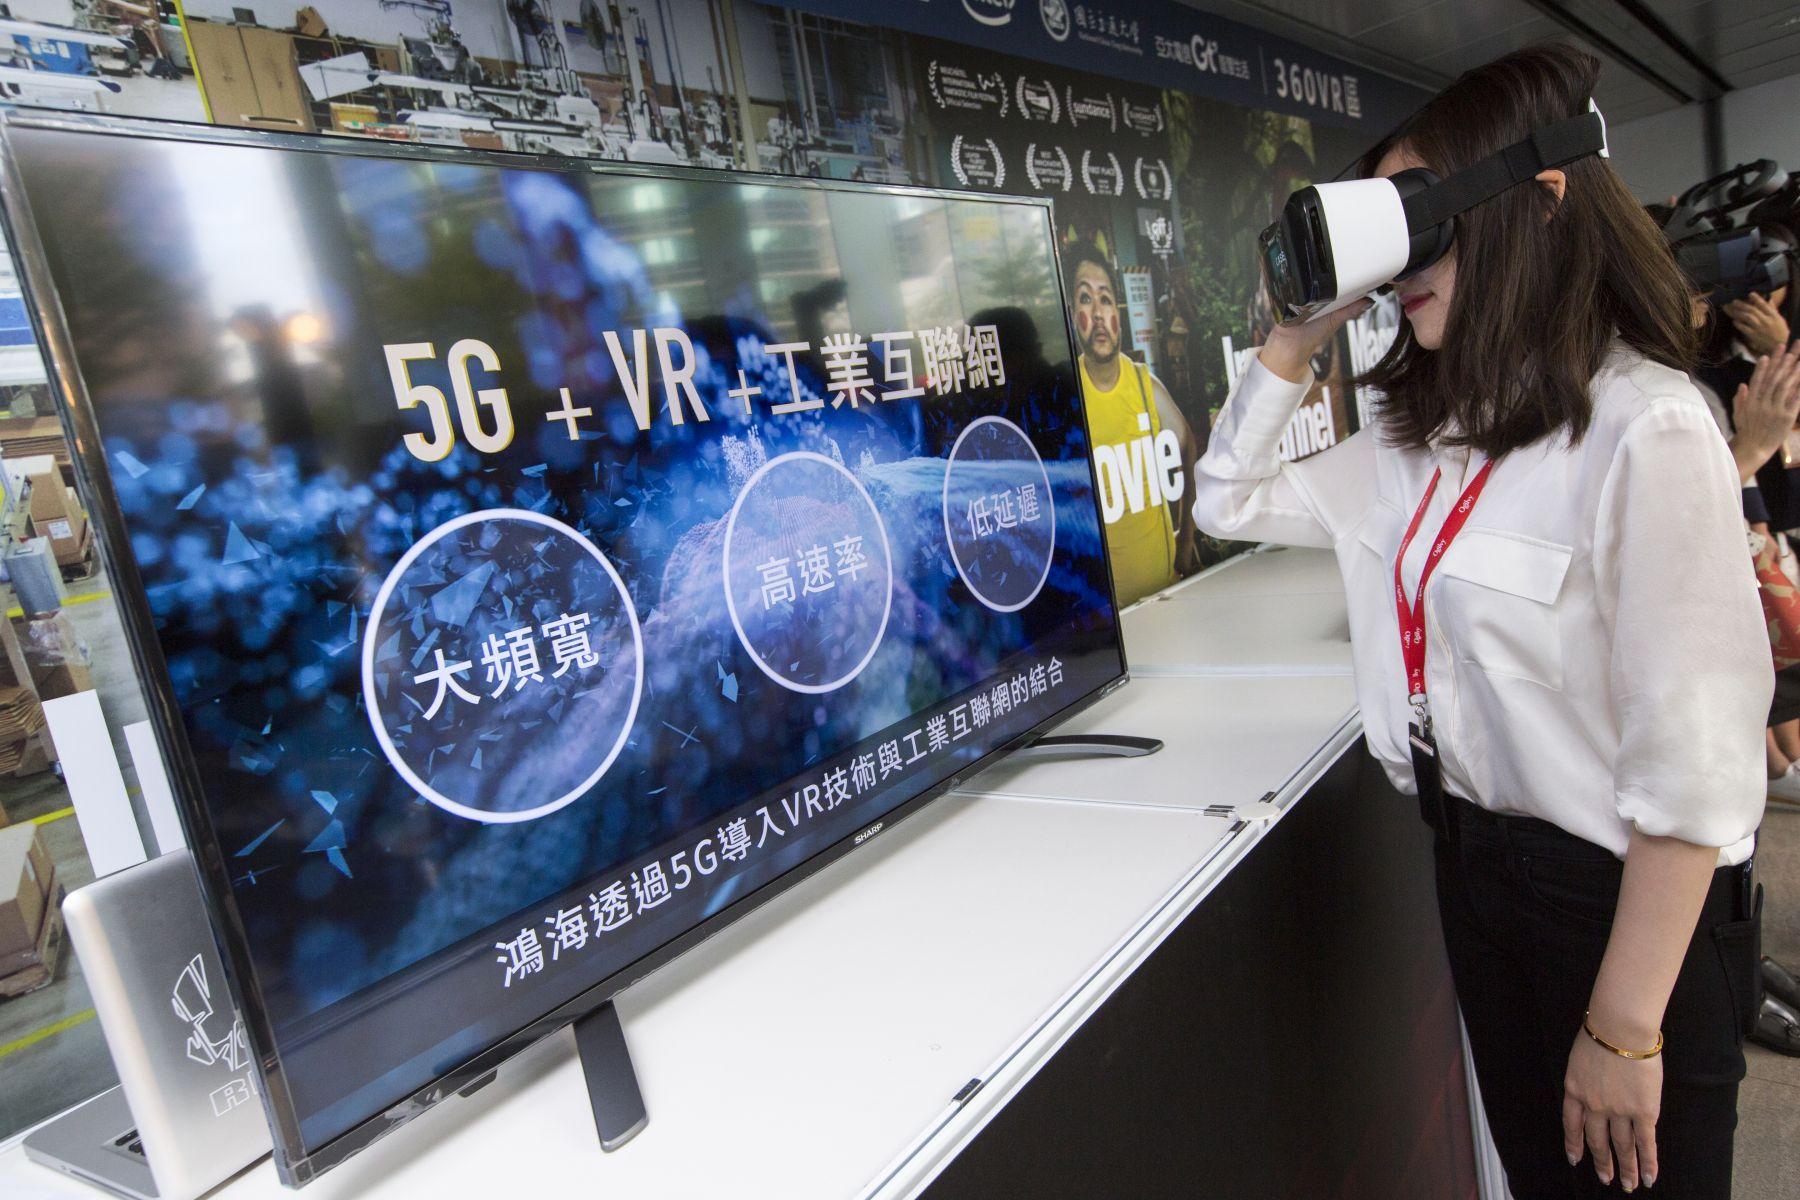 鴻海、亞太電信、Intel三強攜手布局 5G實驗網路成形